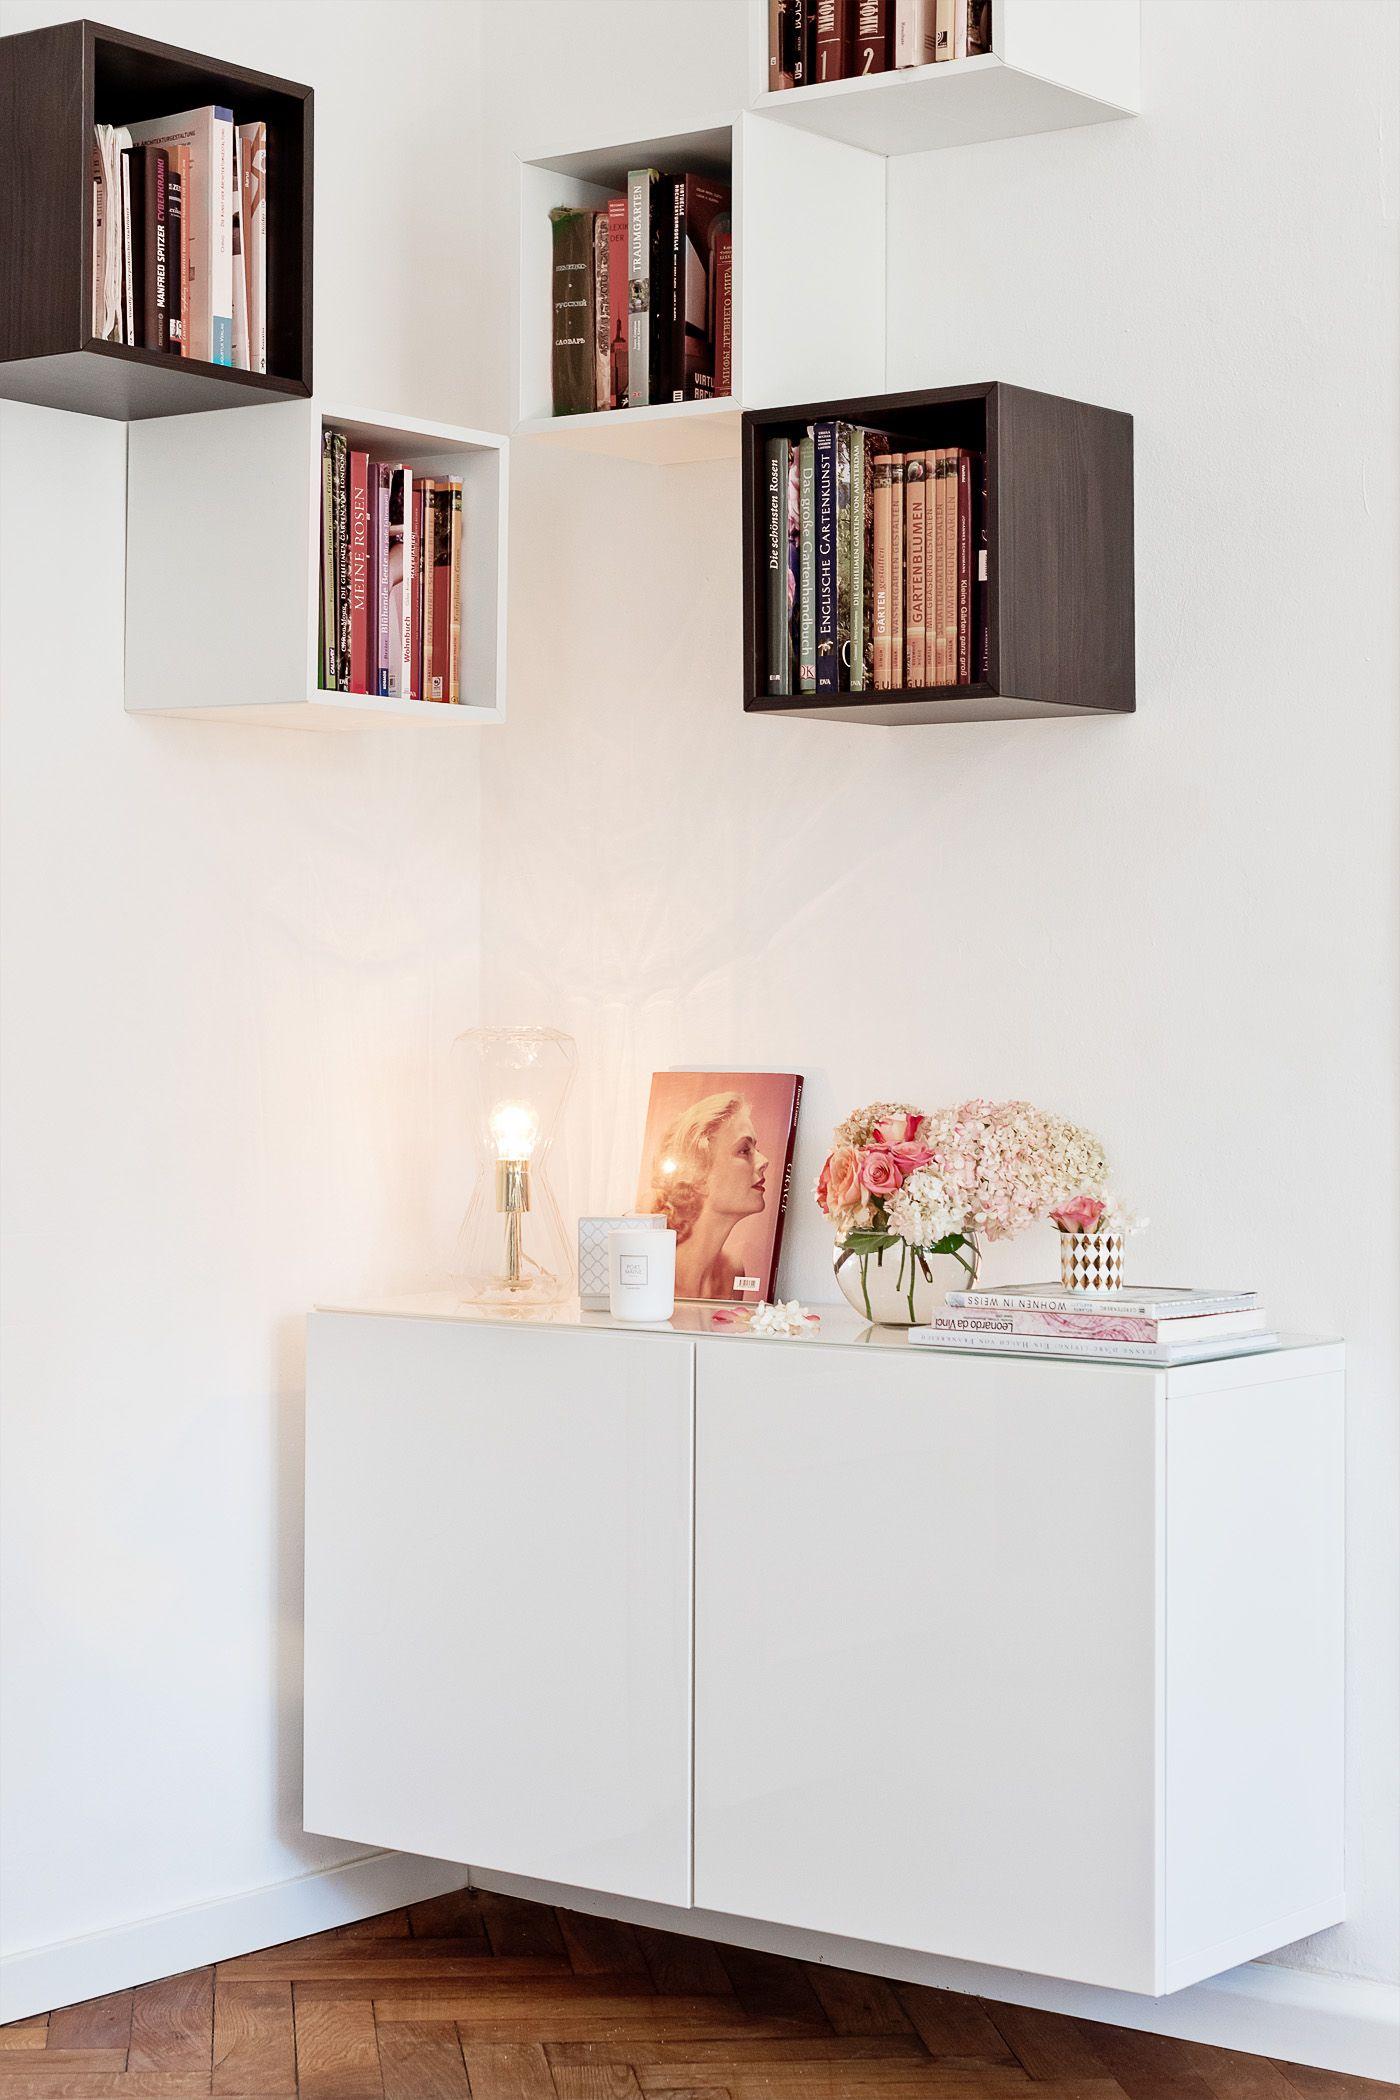 Full Size of Wandregale Ikea Interior Soft Pink And Gold Arredamento Ingresso Casa Modulküche Küche Kosten Kaufen Sofa Mit Schlaffunktion Miniküche Betten Bei 160x200 Wohnzimmer Wandregale Ikea